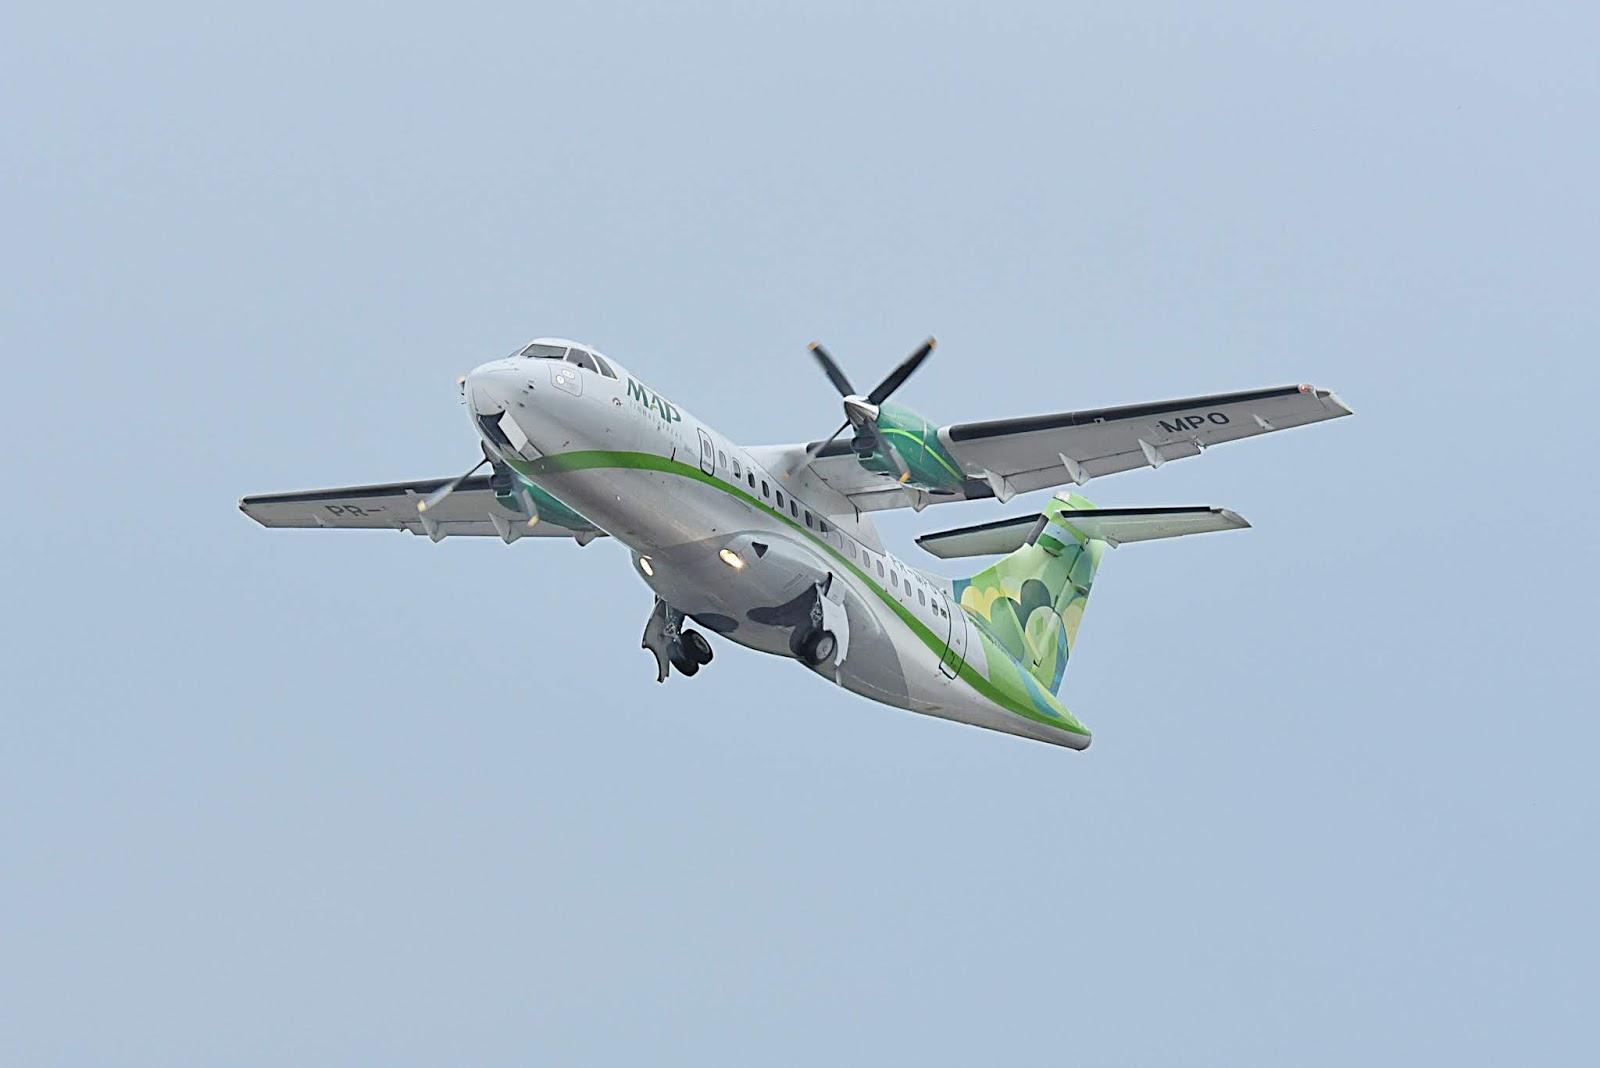 MAP lança promoção para destinos no Amazonas e Pará, com voos a partir de R$ 99,90